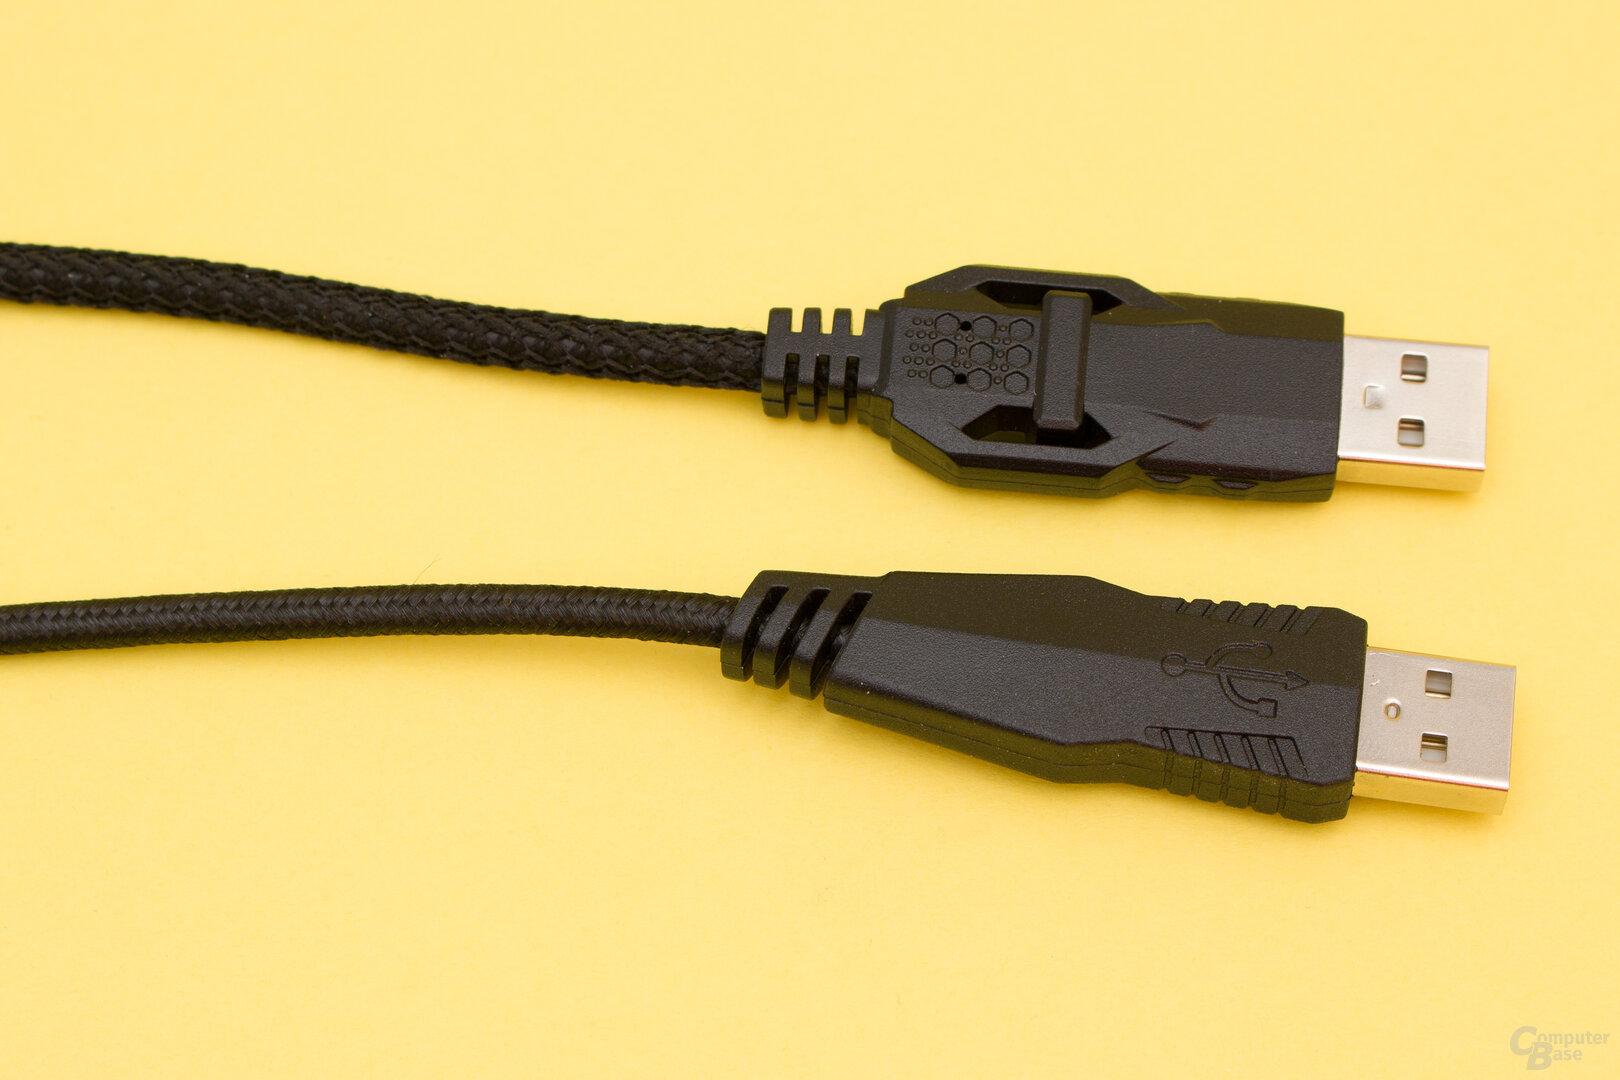 Der USB-Anschluss und das Kabel des günstigeren Quyre (oben) fallen robuster aus als die des teureren Orios (unten)